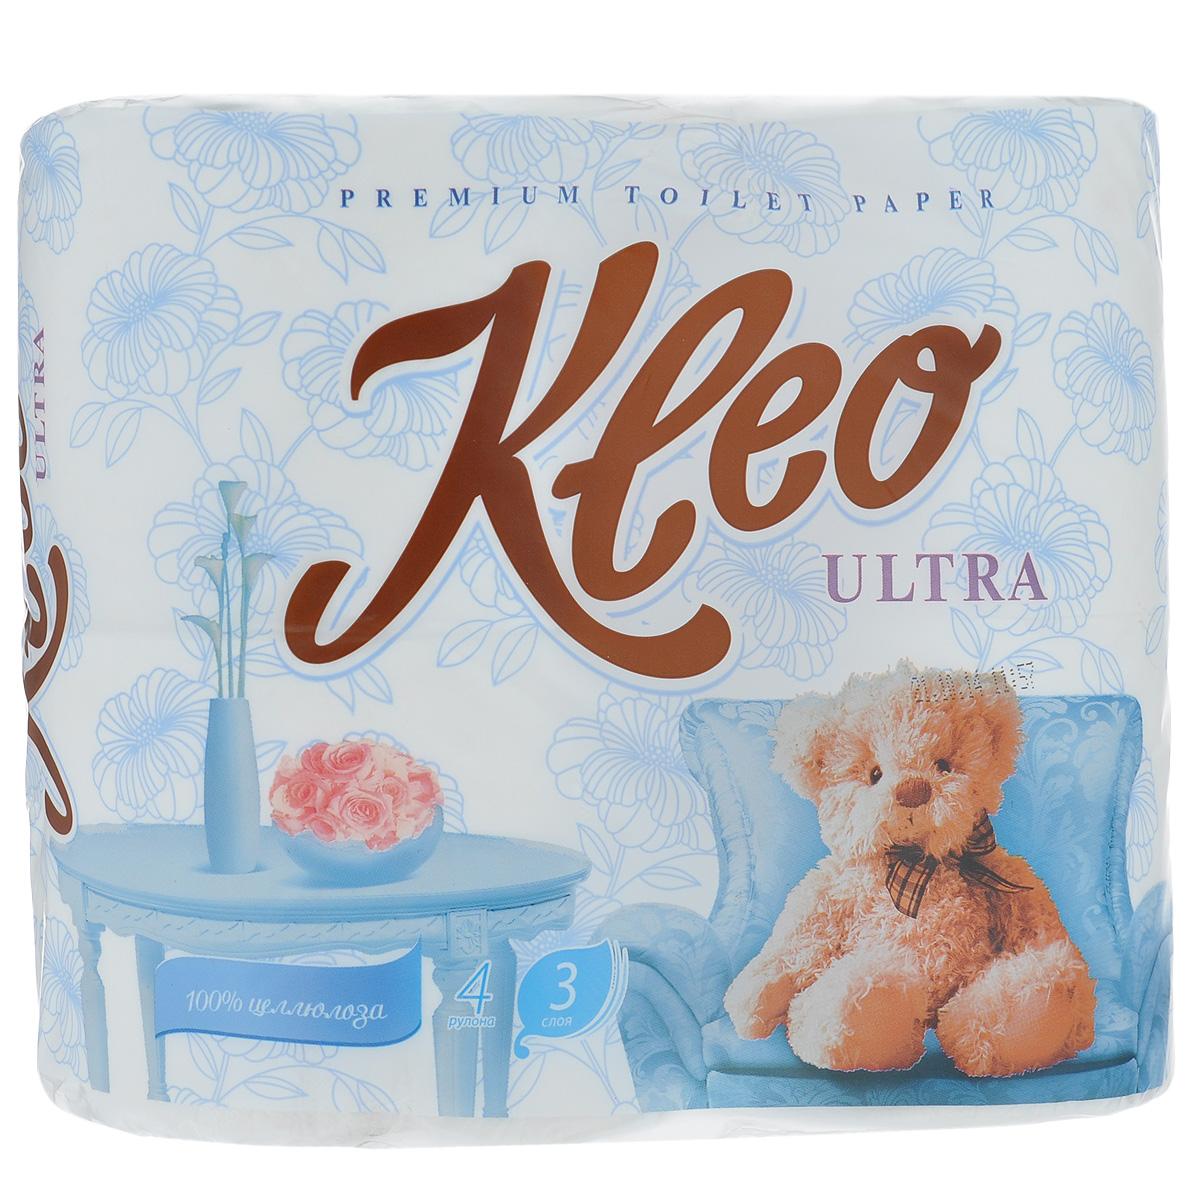 Туалетная бумага Kleo Ultra, трехслойная, цвет: белый, 4 рулона391602Туалетная бумага Kleo Ultra, выполненная из натуральной целлюлозы, обеспечивает превосходный комфорт и ощущение чистоты и свежести. Необыкновенно мягкая, но в тоже время прочная, бумага не расслаивается и отрывается строго по линии перфорации. Трехслойные листы имеют рисунок с перфорацией.Количество листов: 168 шт. Количество слоев: 3. Размер листа: 12,5 см х 9,6 см. Состав: 100% целлюлоза.